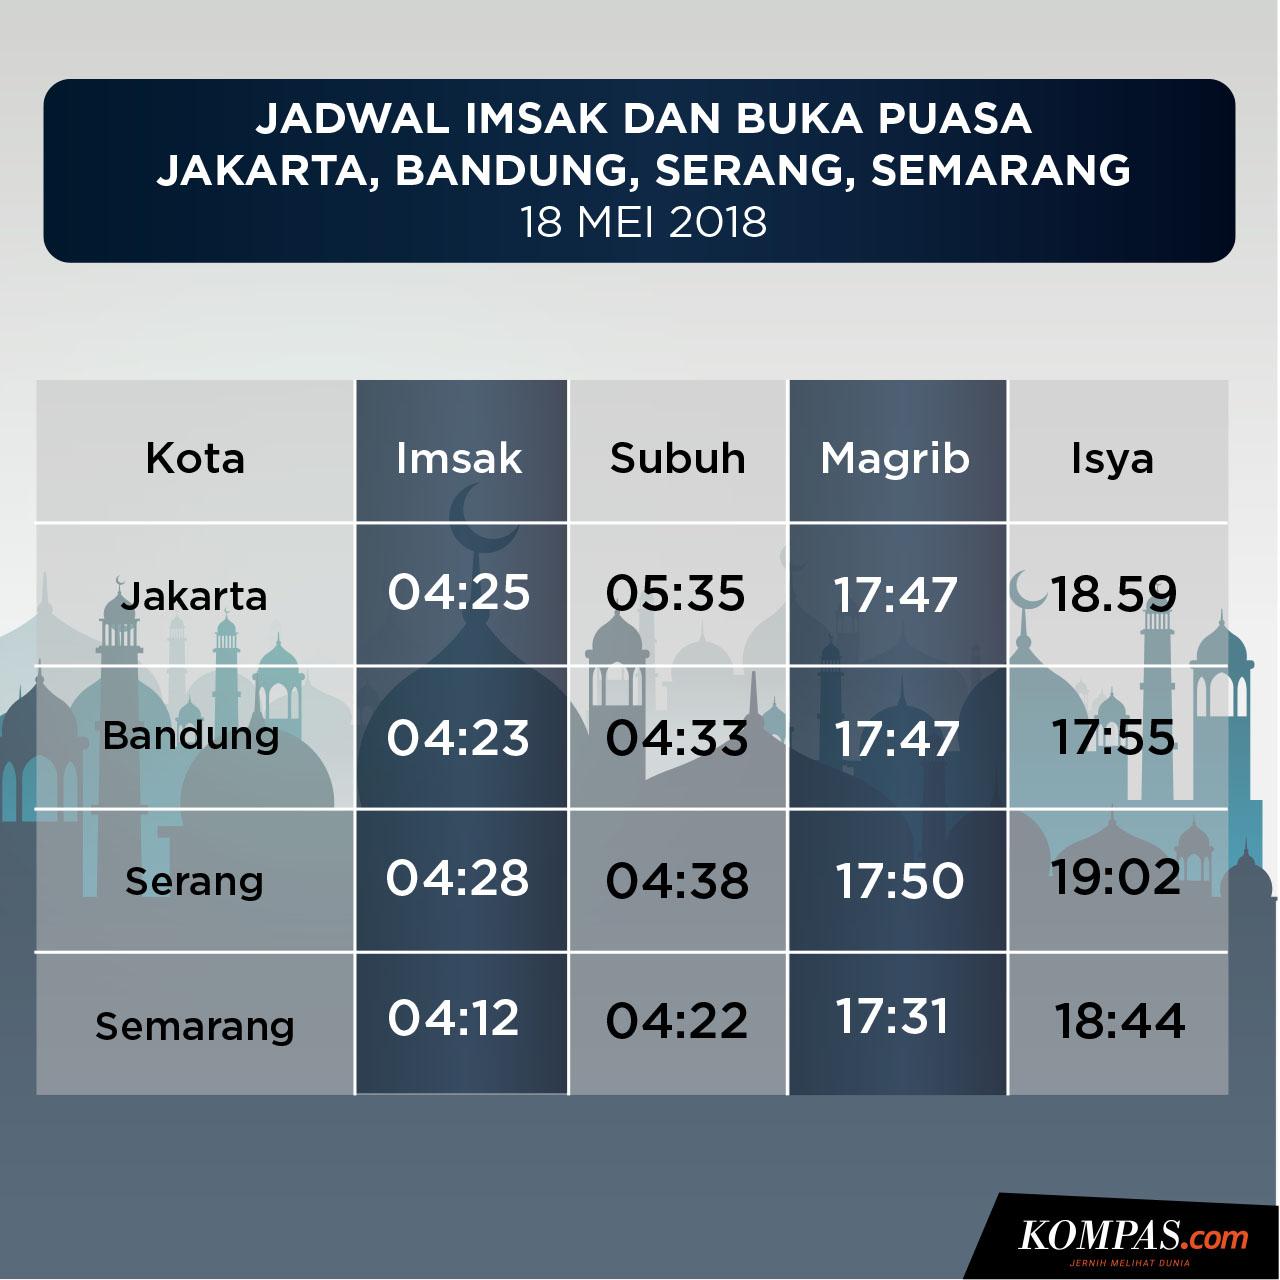 Jadwal Buka Kompas Comakbar Bhayu Tamtomo